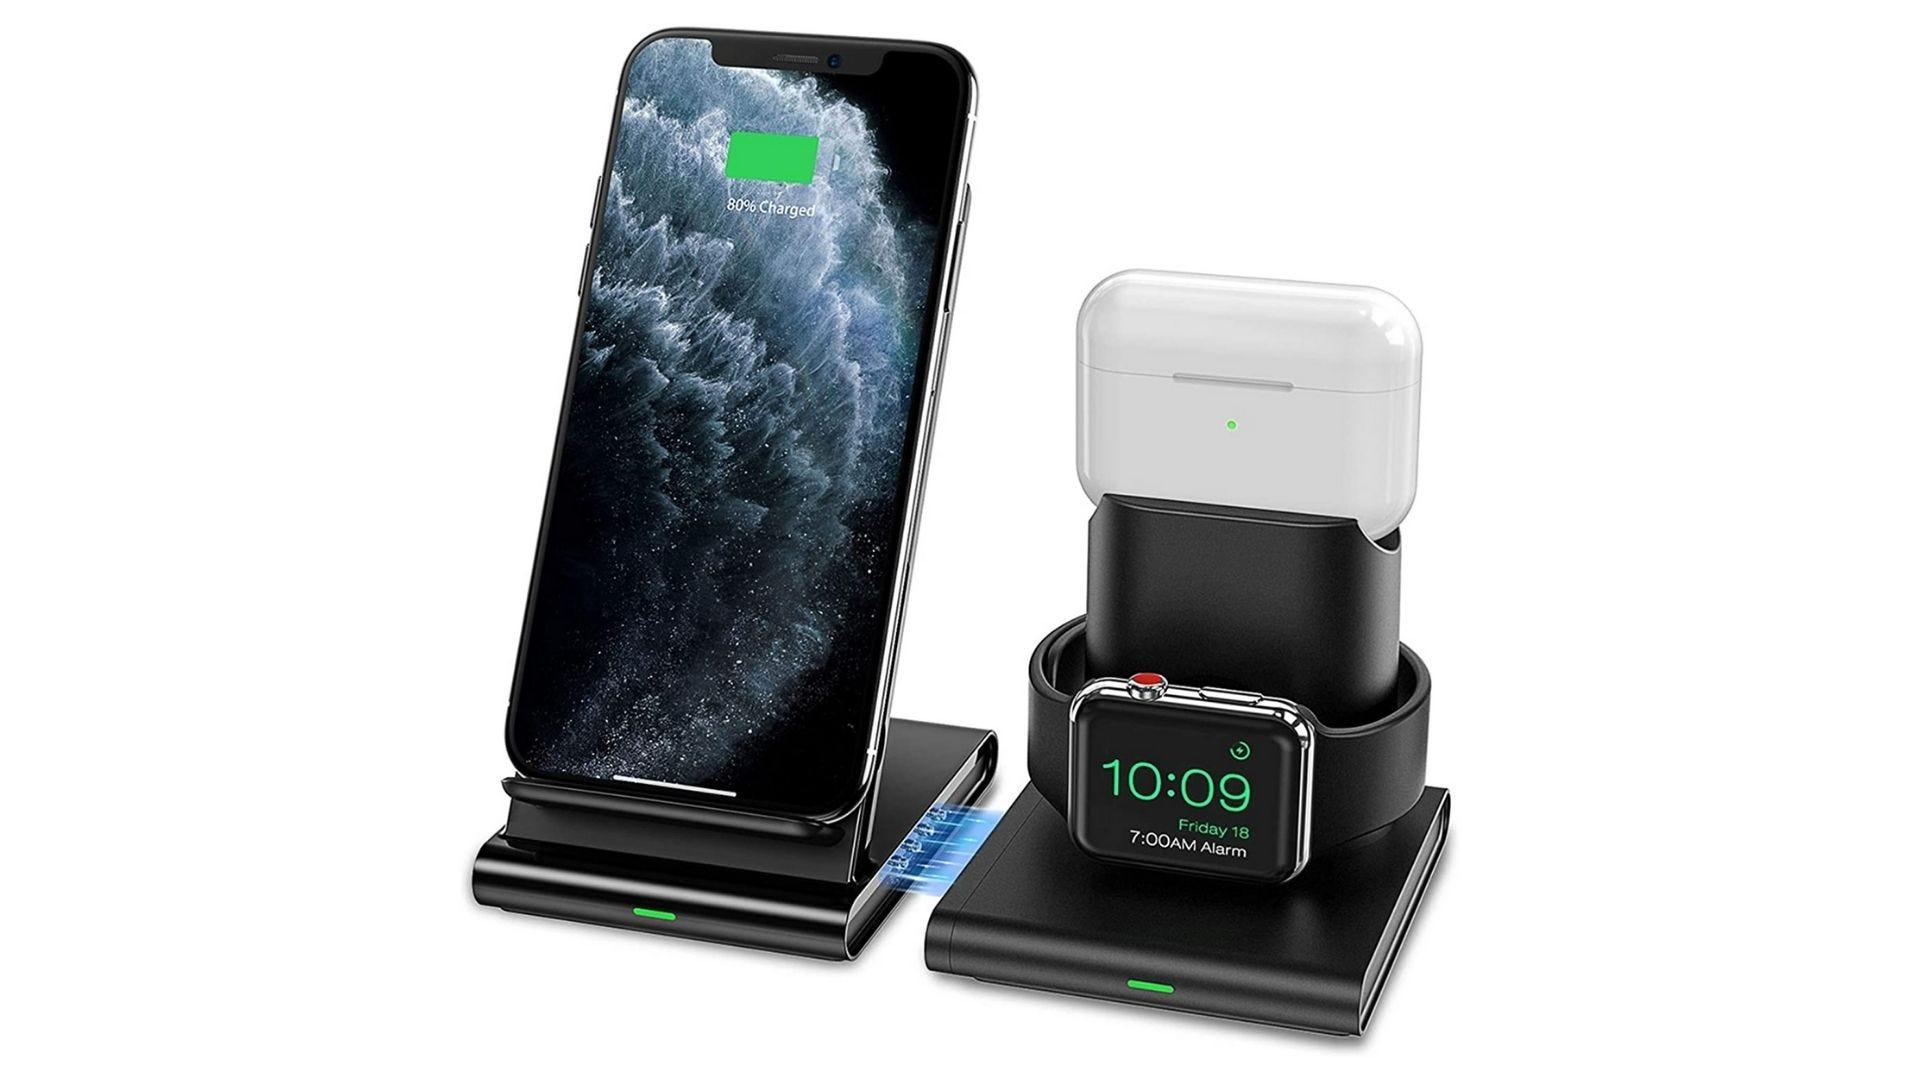 شاحن لاسلكي seneo 3 في 1 Apple Watch iPhone و AirPods